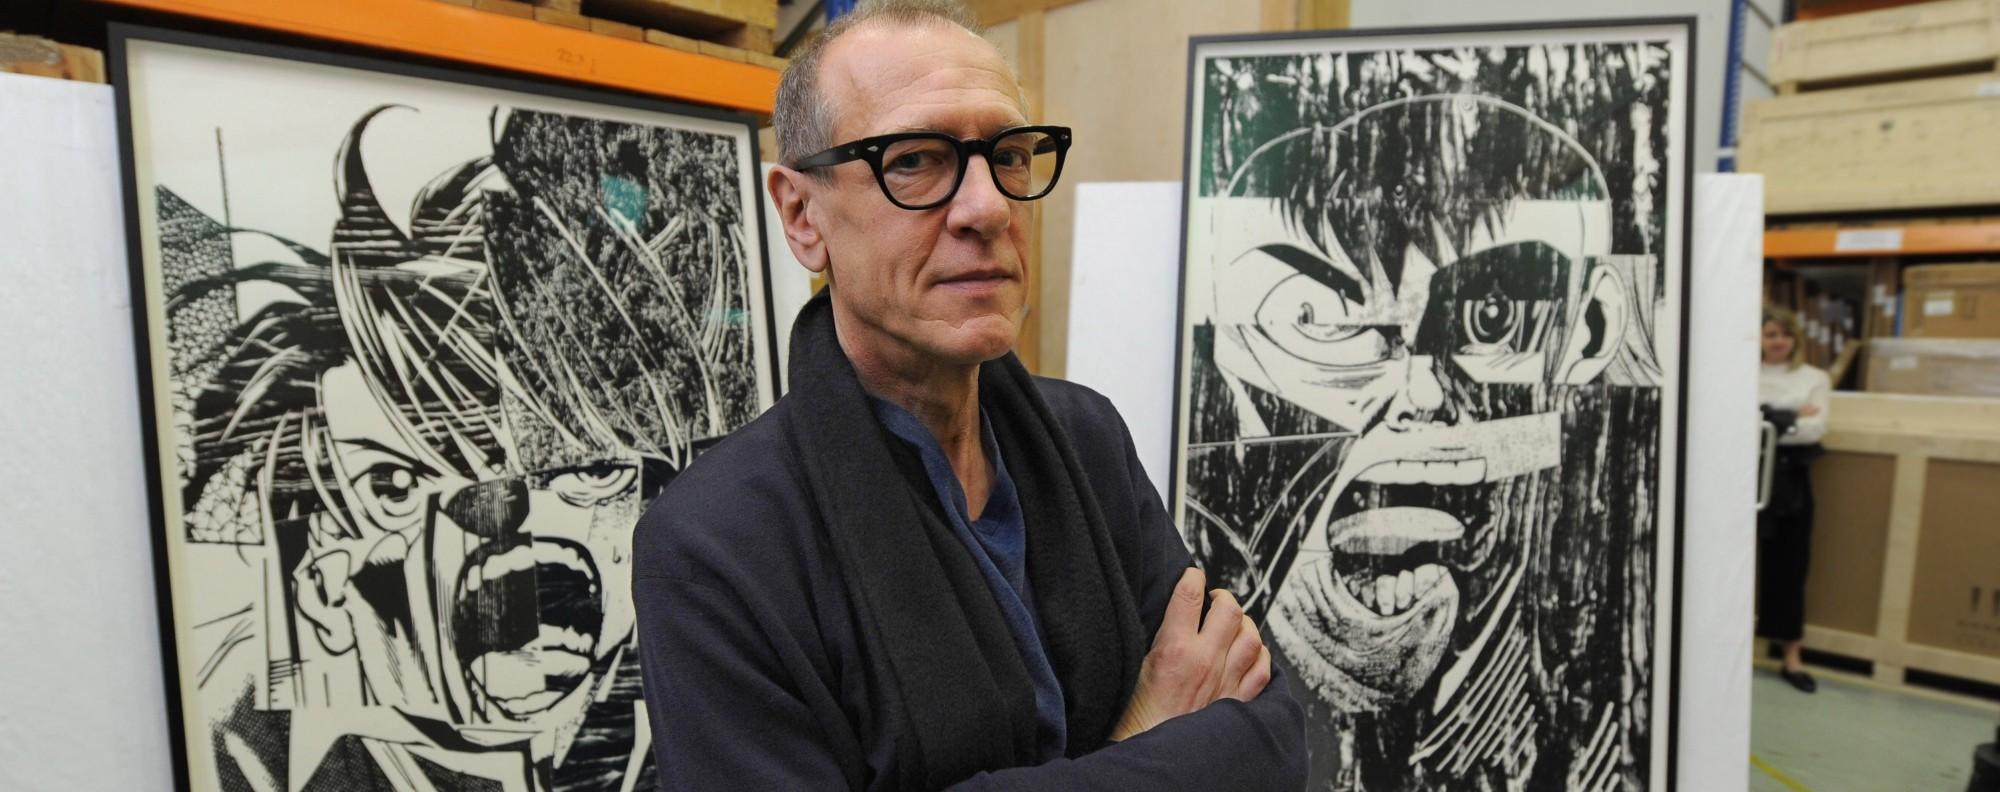 Artist Christian Marclay.